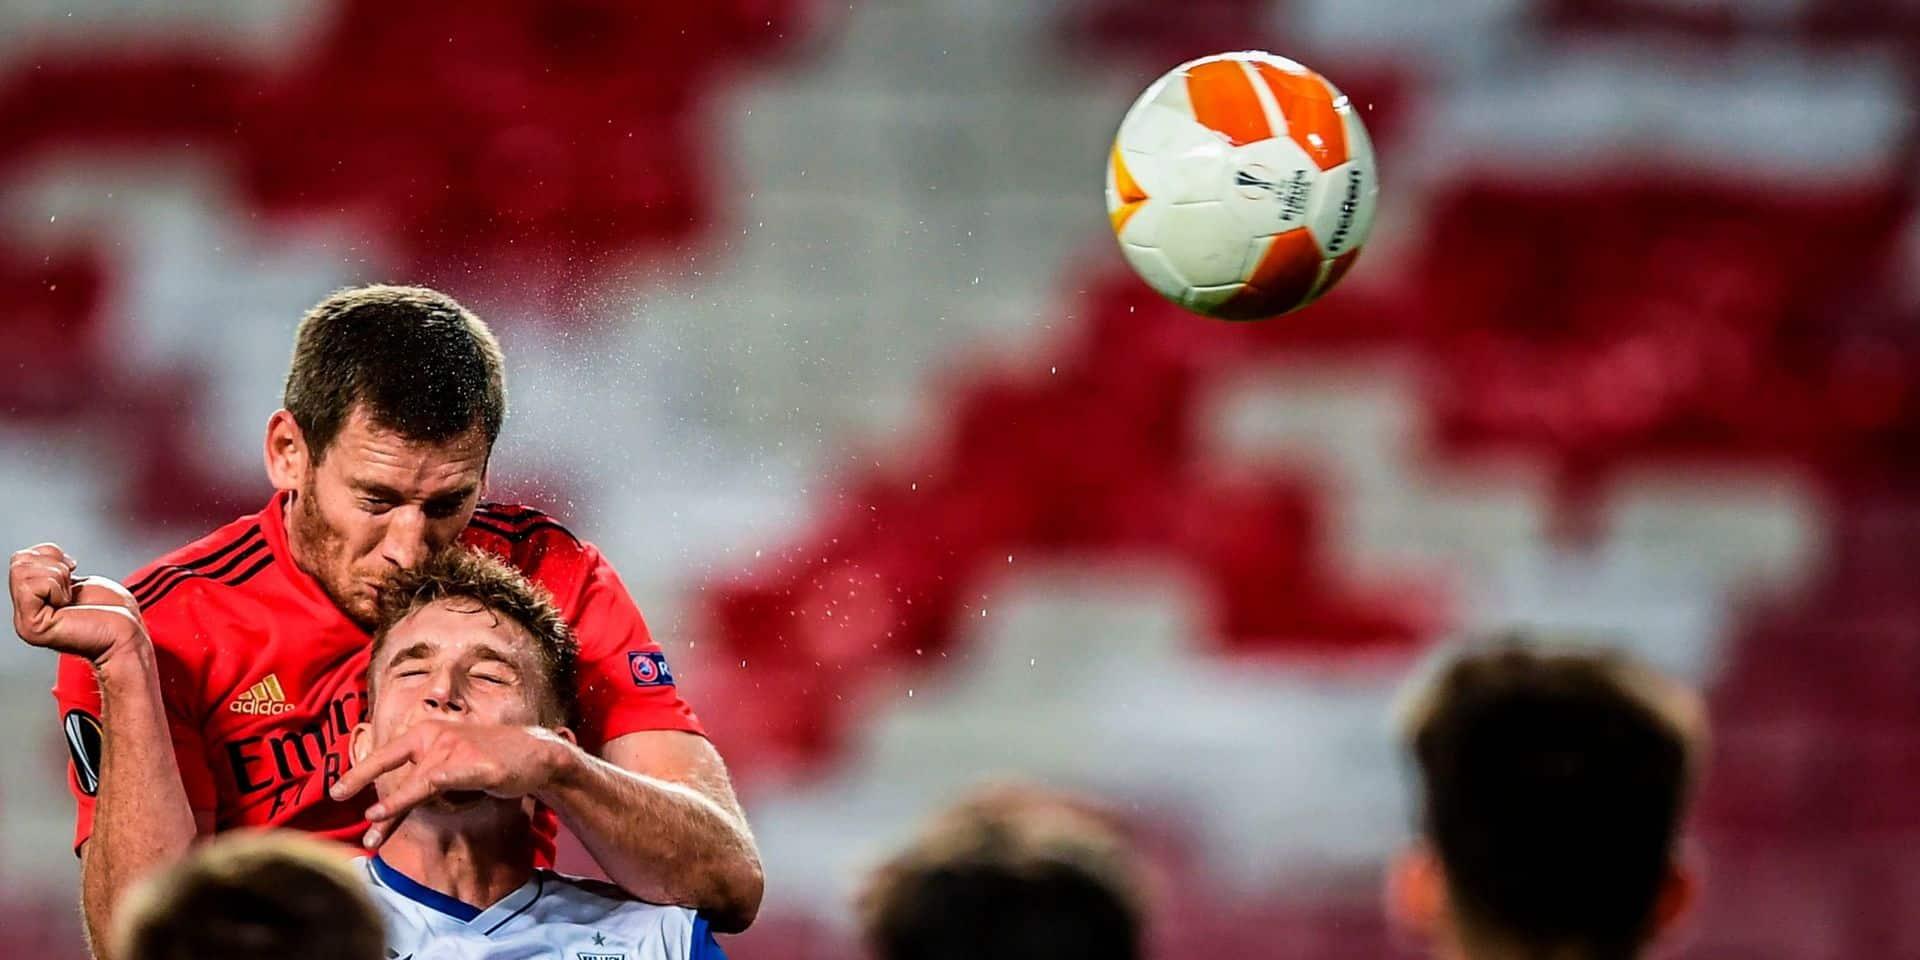 Les Belges à l'étranger : Vertonghen marque et qualifie Benfica, Mertens aussi buteur